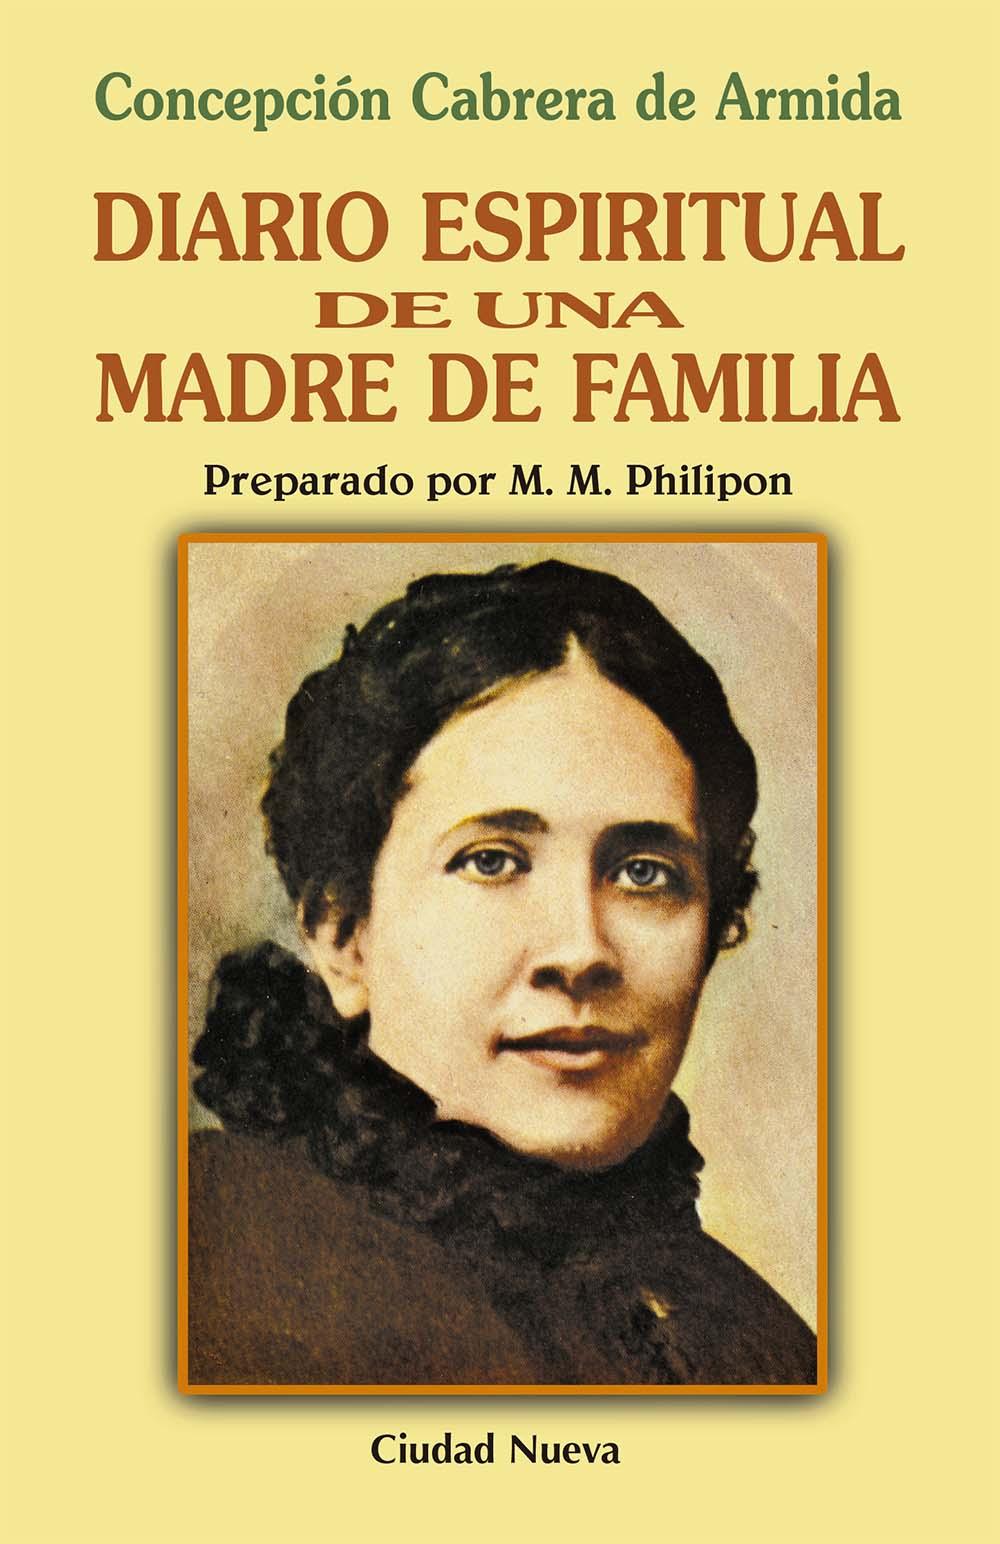 Diario espiritual de una madre de familia: Concepción Cabrera de Armida